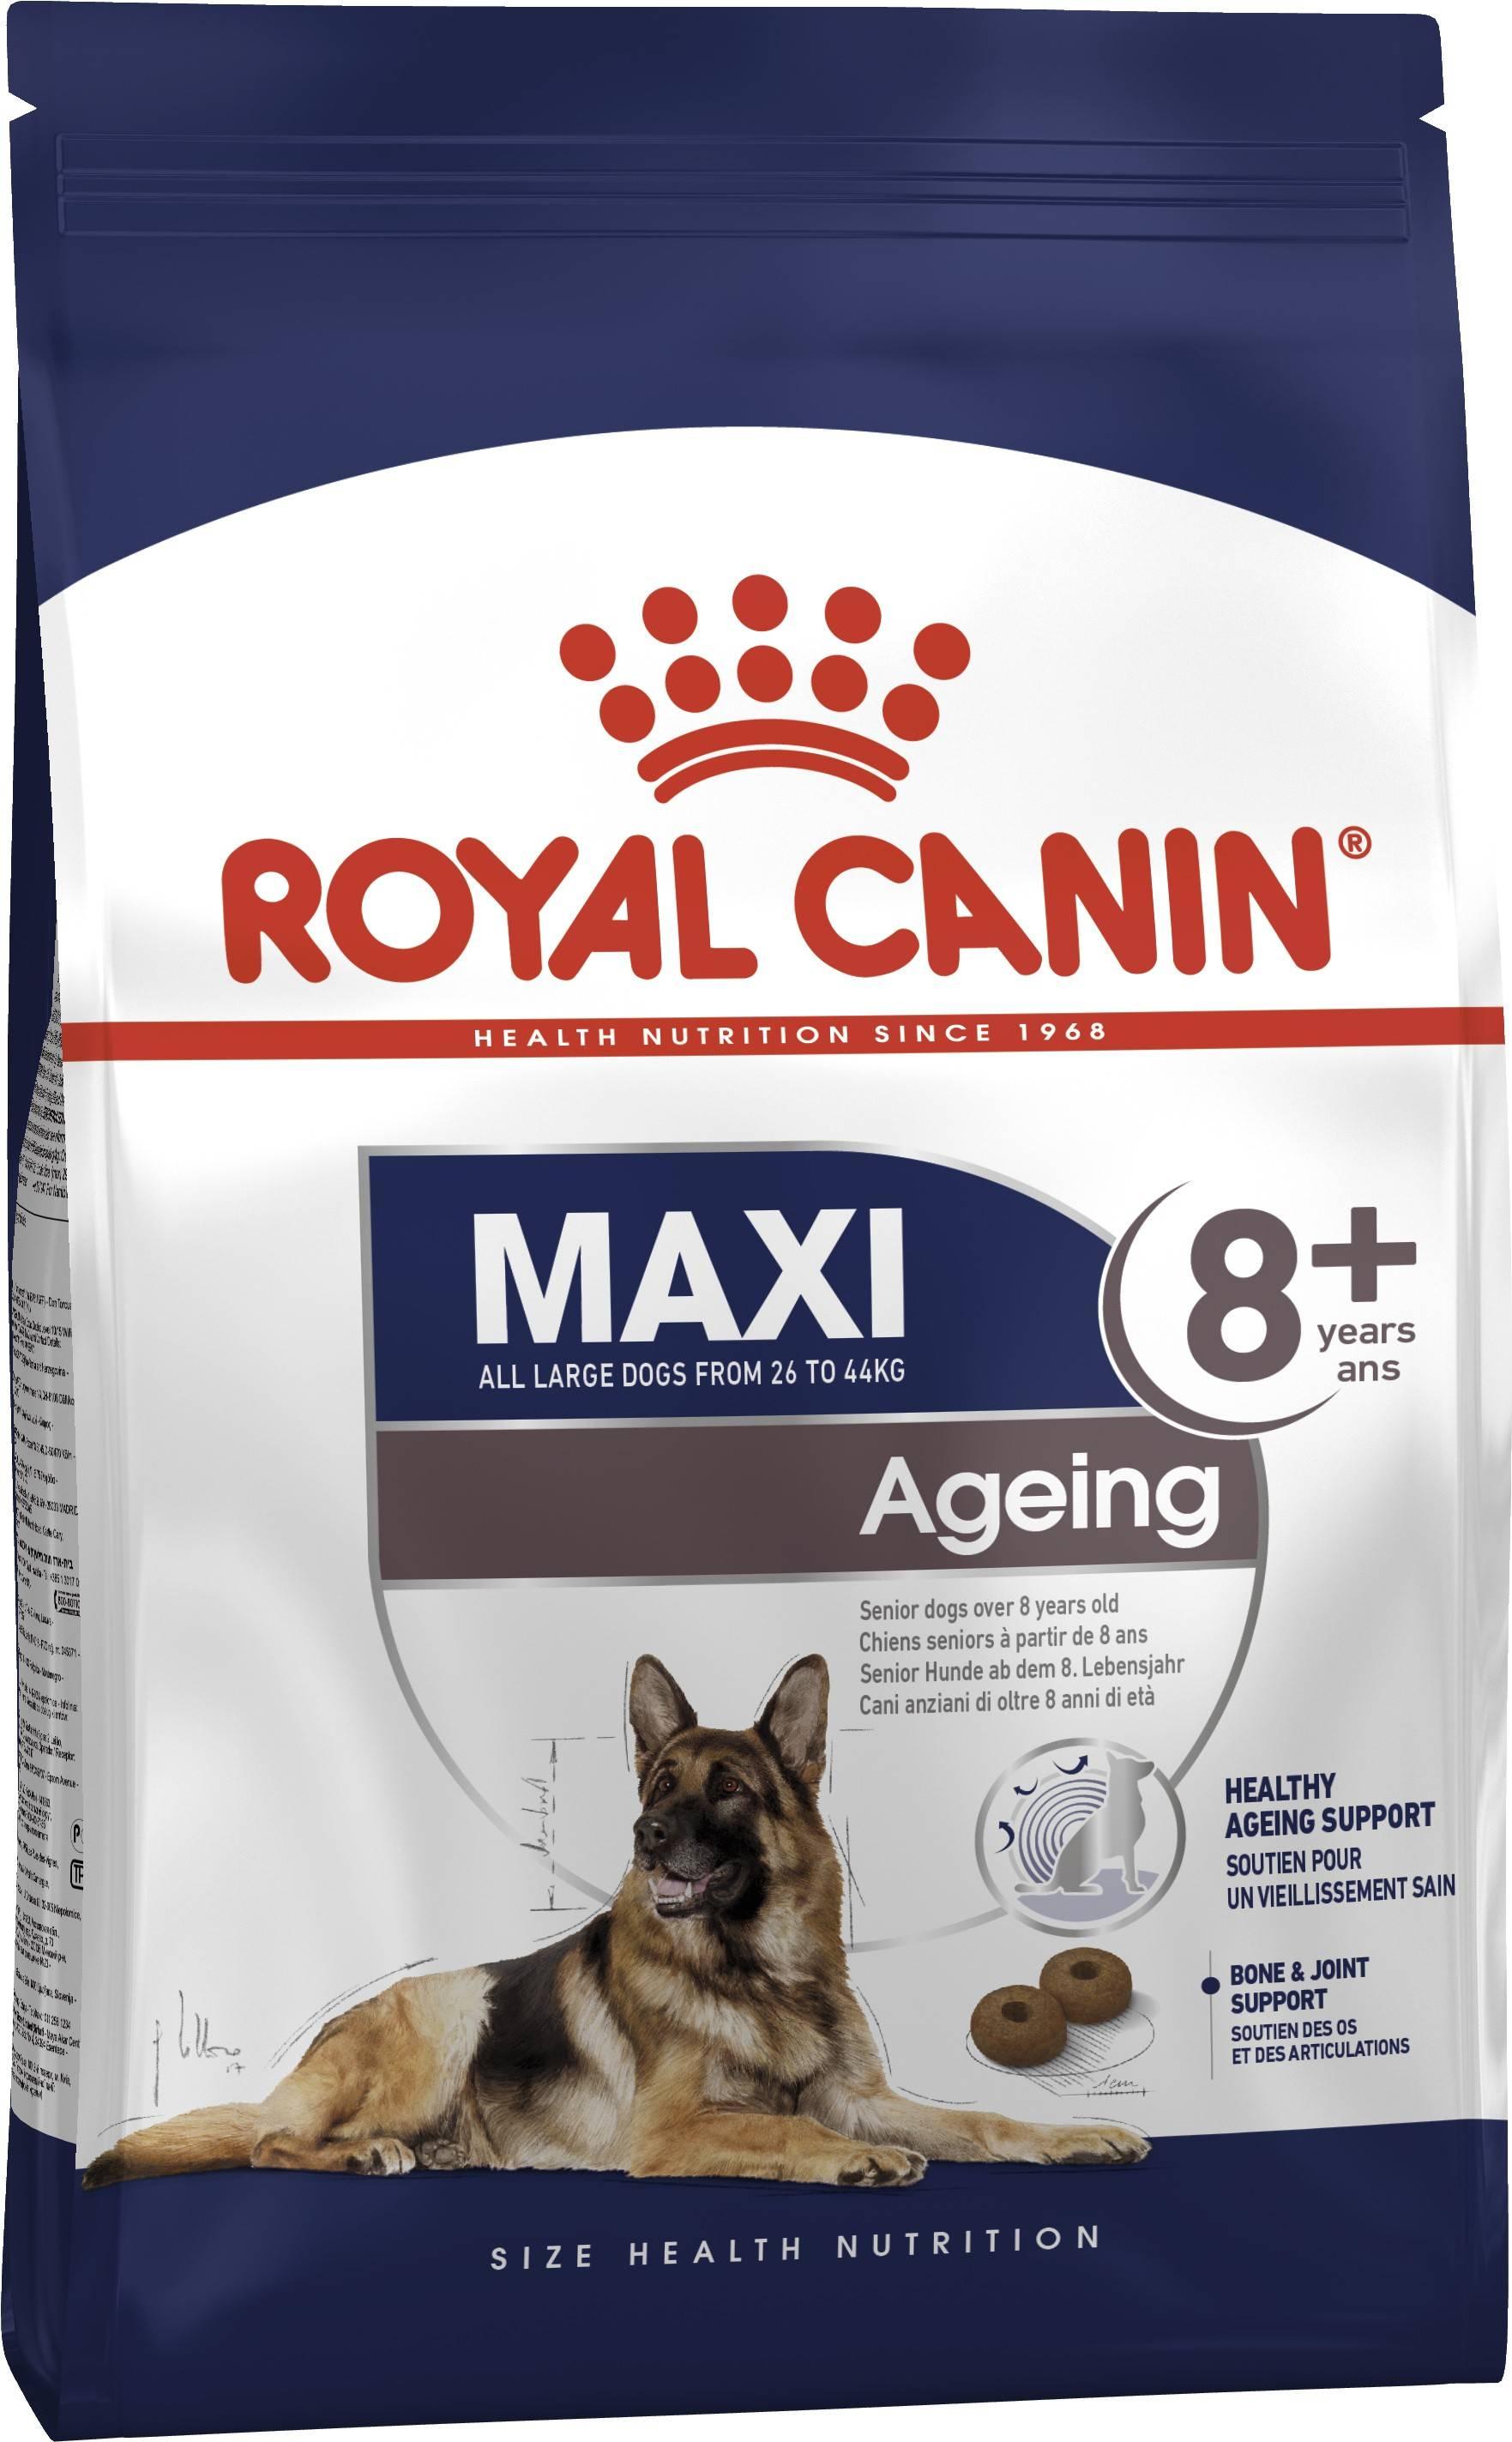 ROYAL CANIN MAXI AGEING 8+ – сухой корм для собак больших пород старше 8 лет